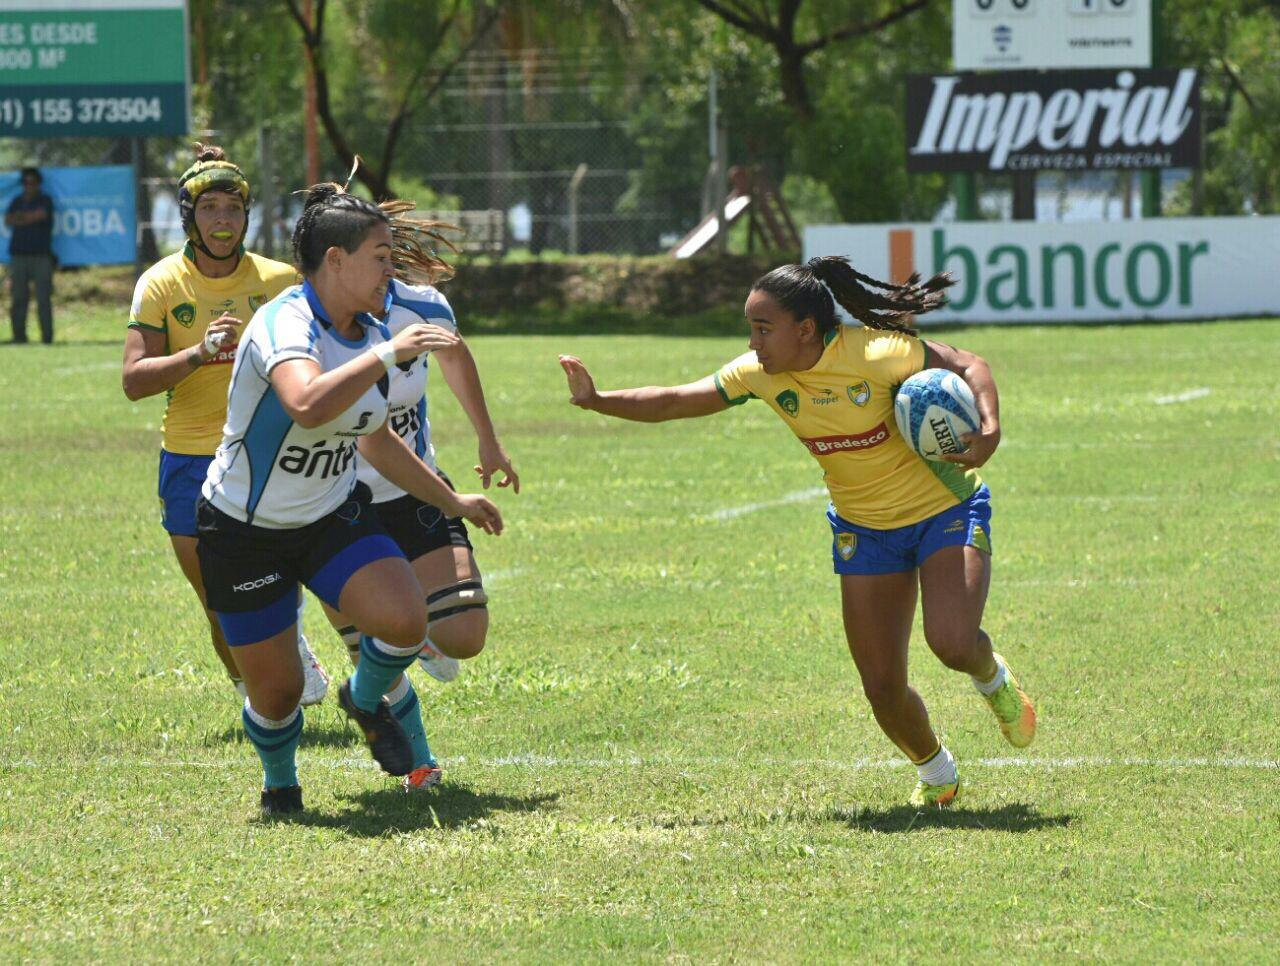 Fixture del Sudamericano de Rugby Femenino 2017